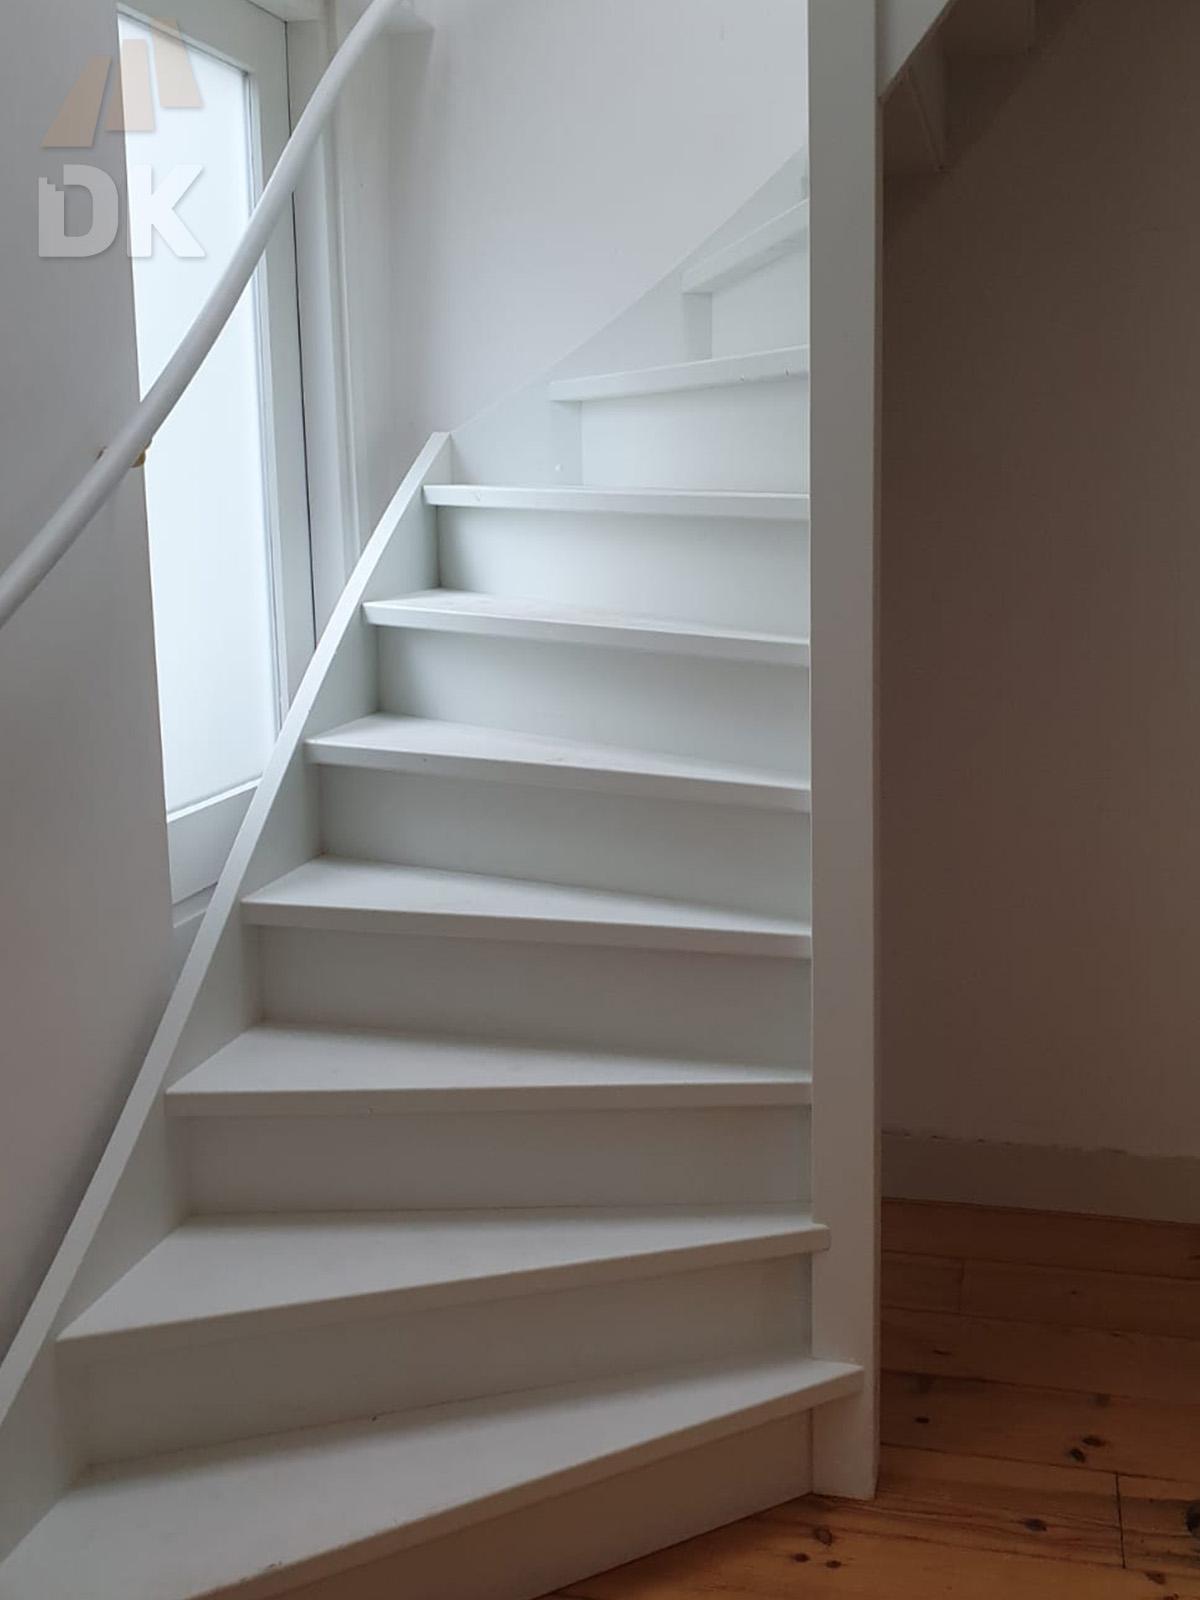 Stalen trap vervangen door houten trap - Foto 5